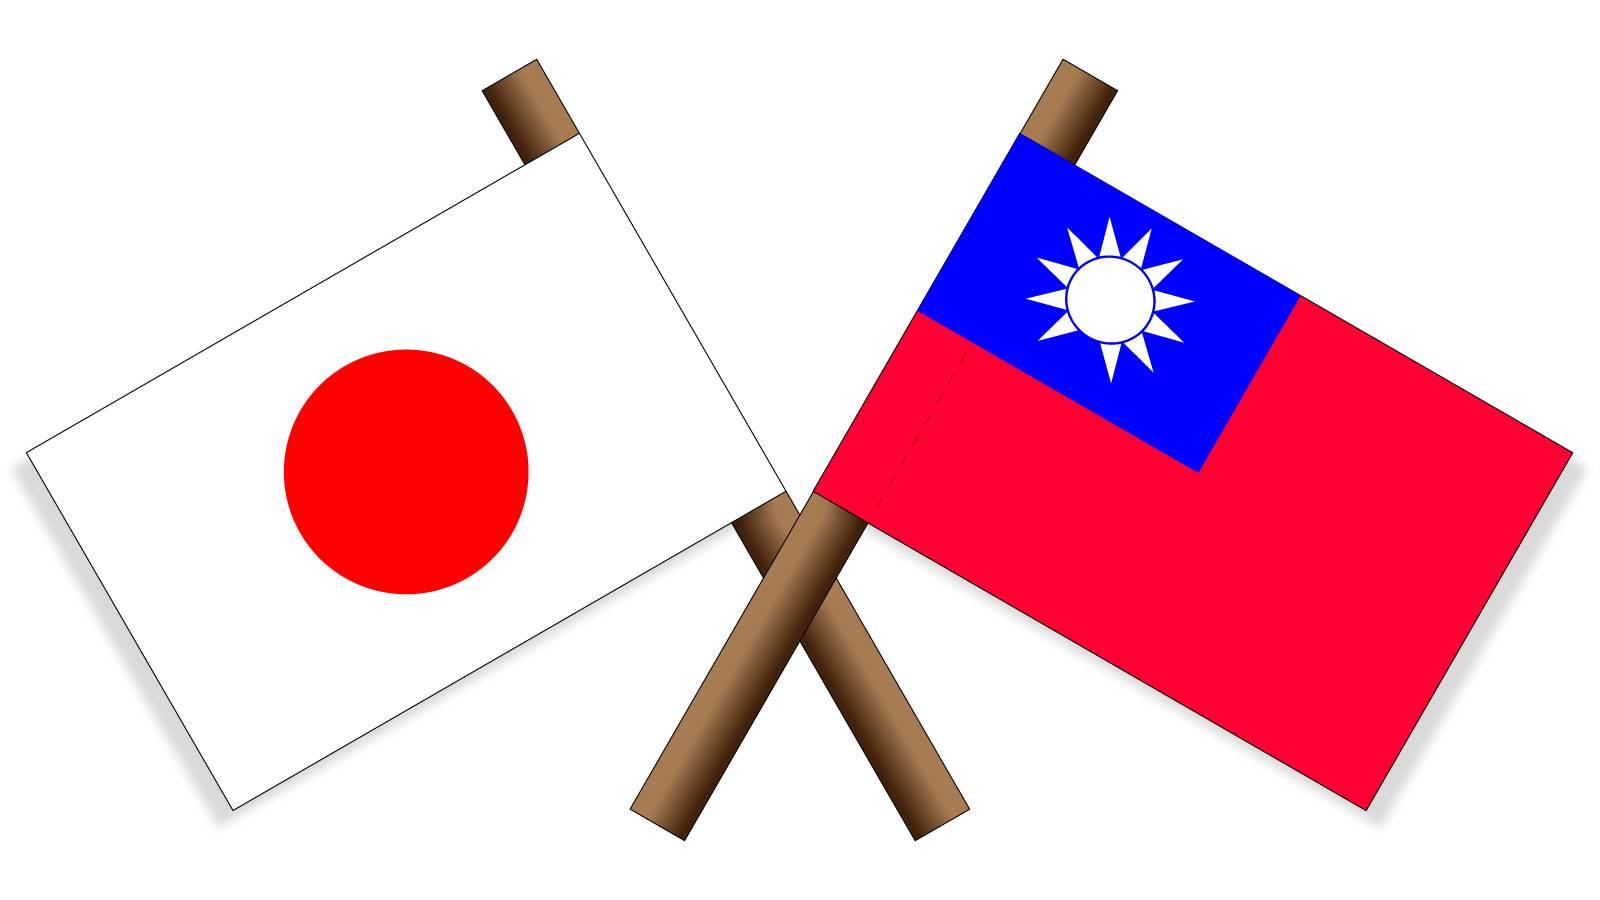 日の丸 台湾国旗 日台友好